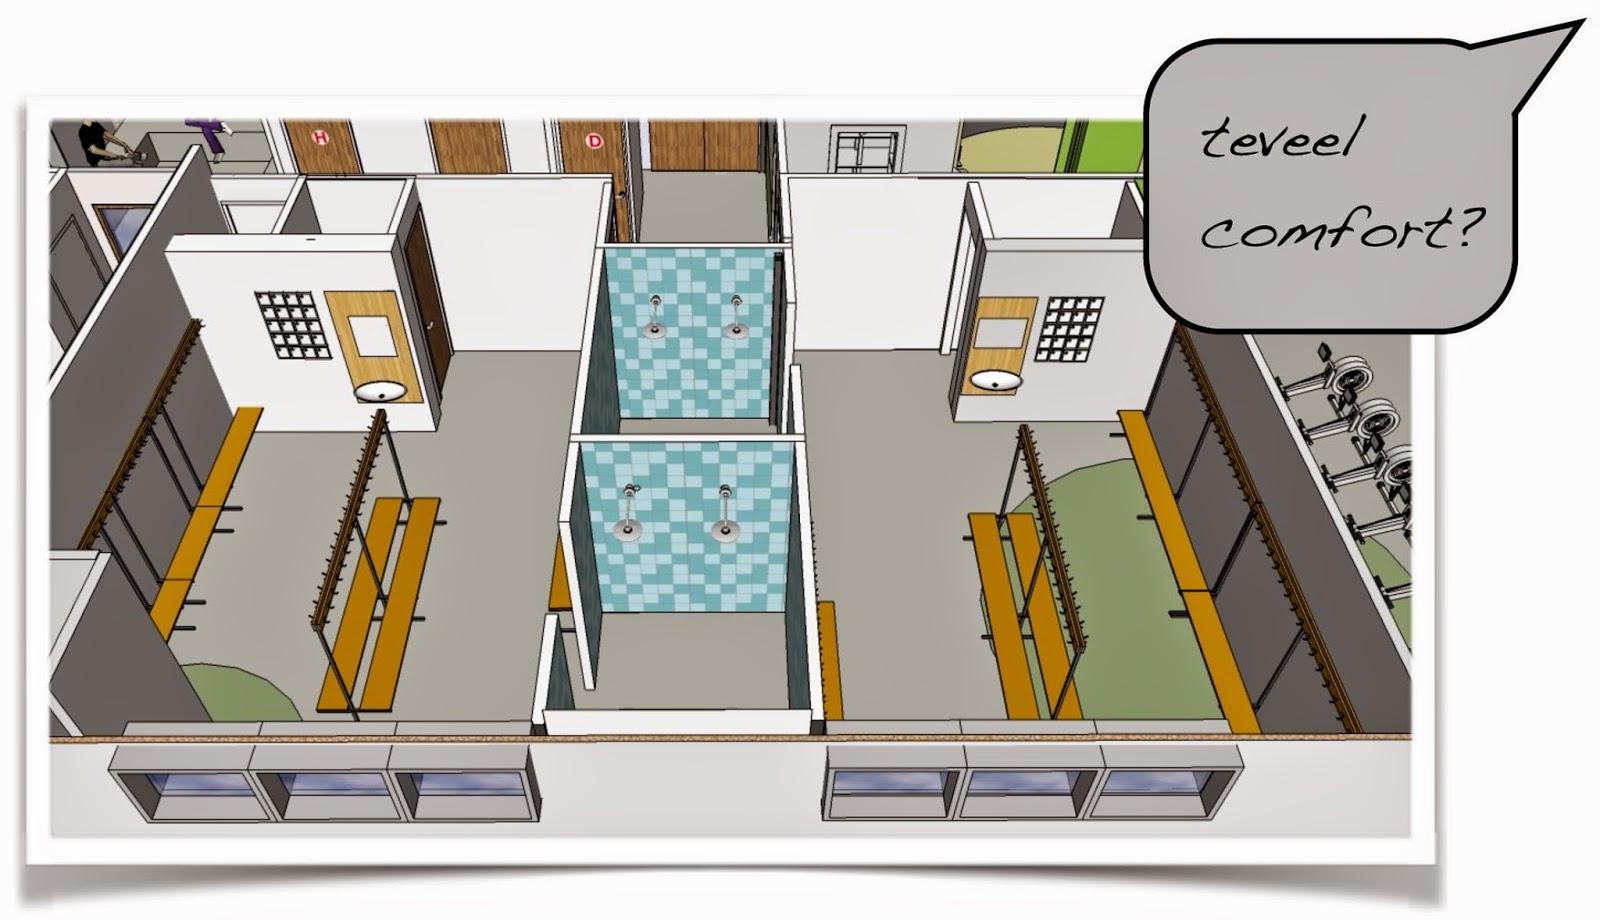 Huis van de watersport april 2014 - Plan ouderslaapkamer met badkamer en kleedkamer ...